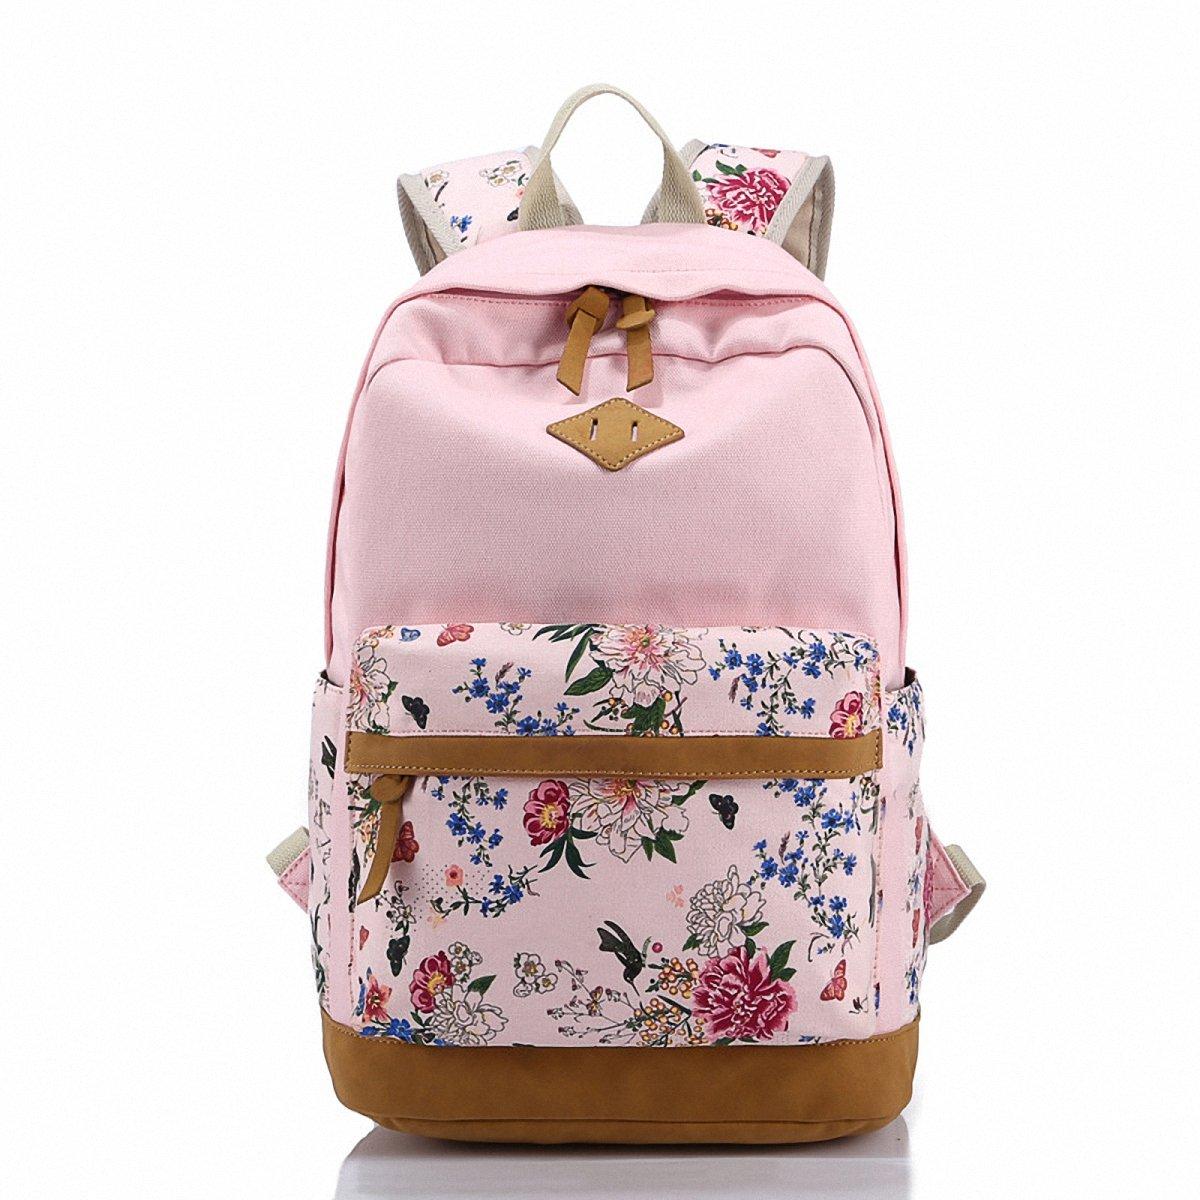 Benchmart Imprint Flower Pattern Canvas School Backpack Laptop Bag Daypack Travel Rucksack Bag School Teens Shoulder Backpack (Dark Blue)